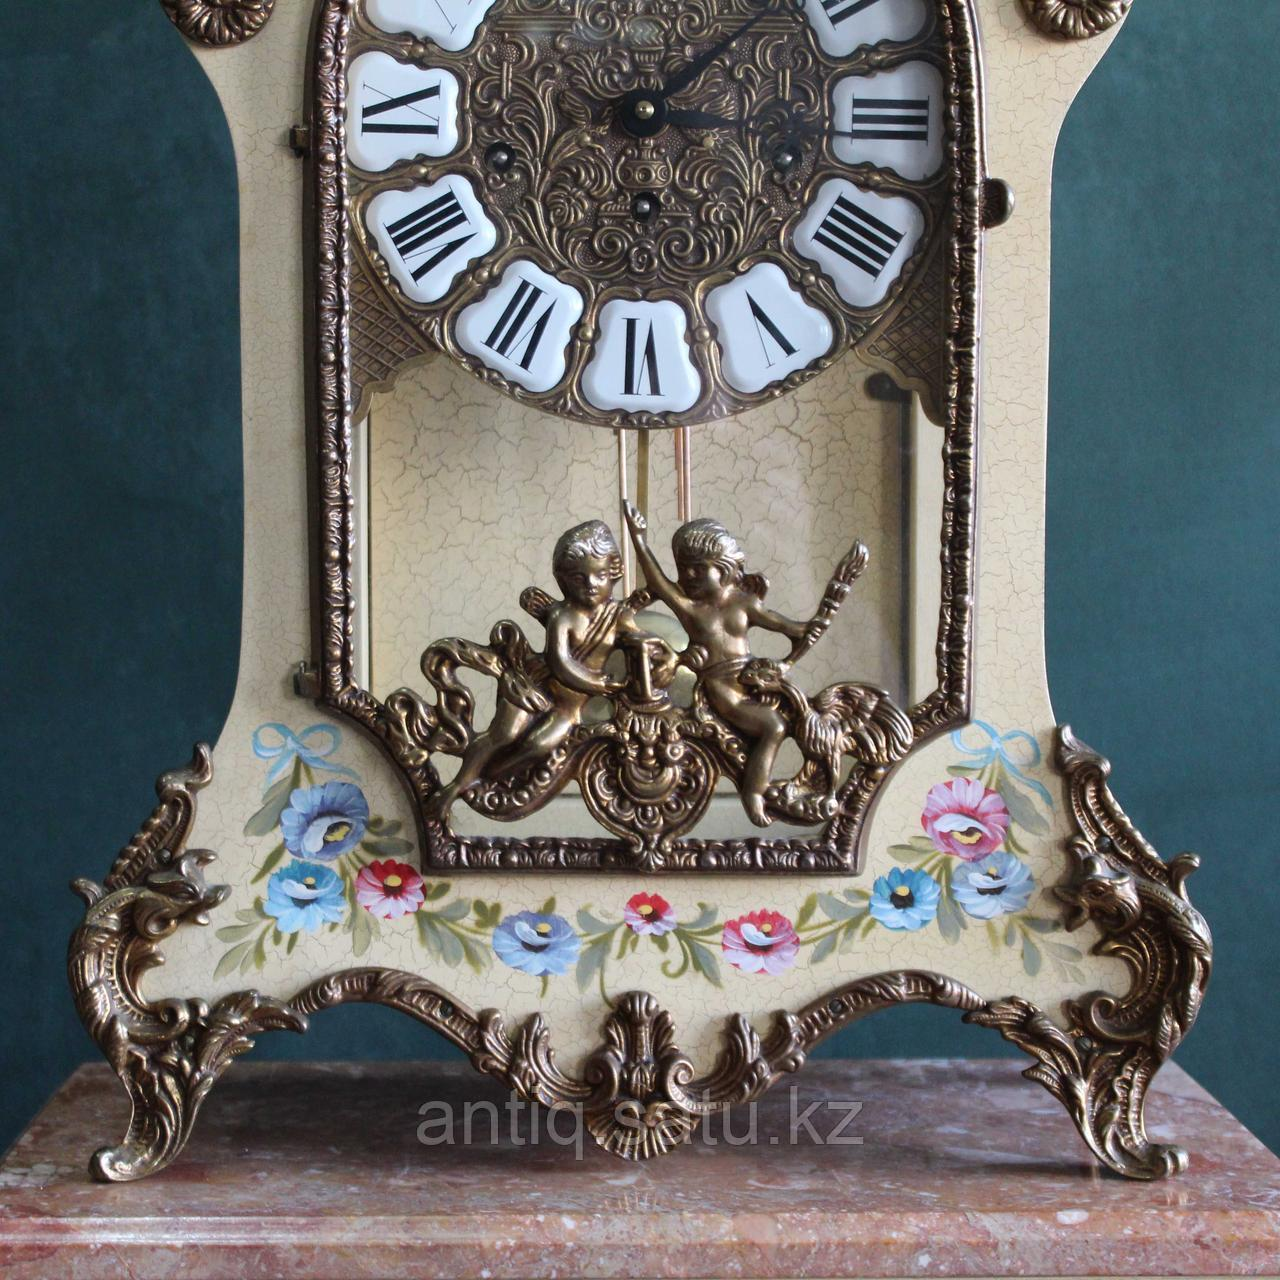 Итальянские часы в венецианском стиле - фото 4